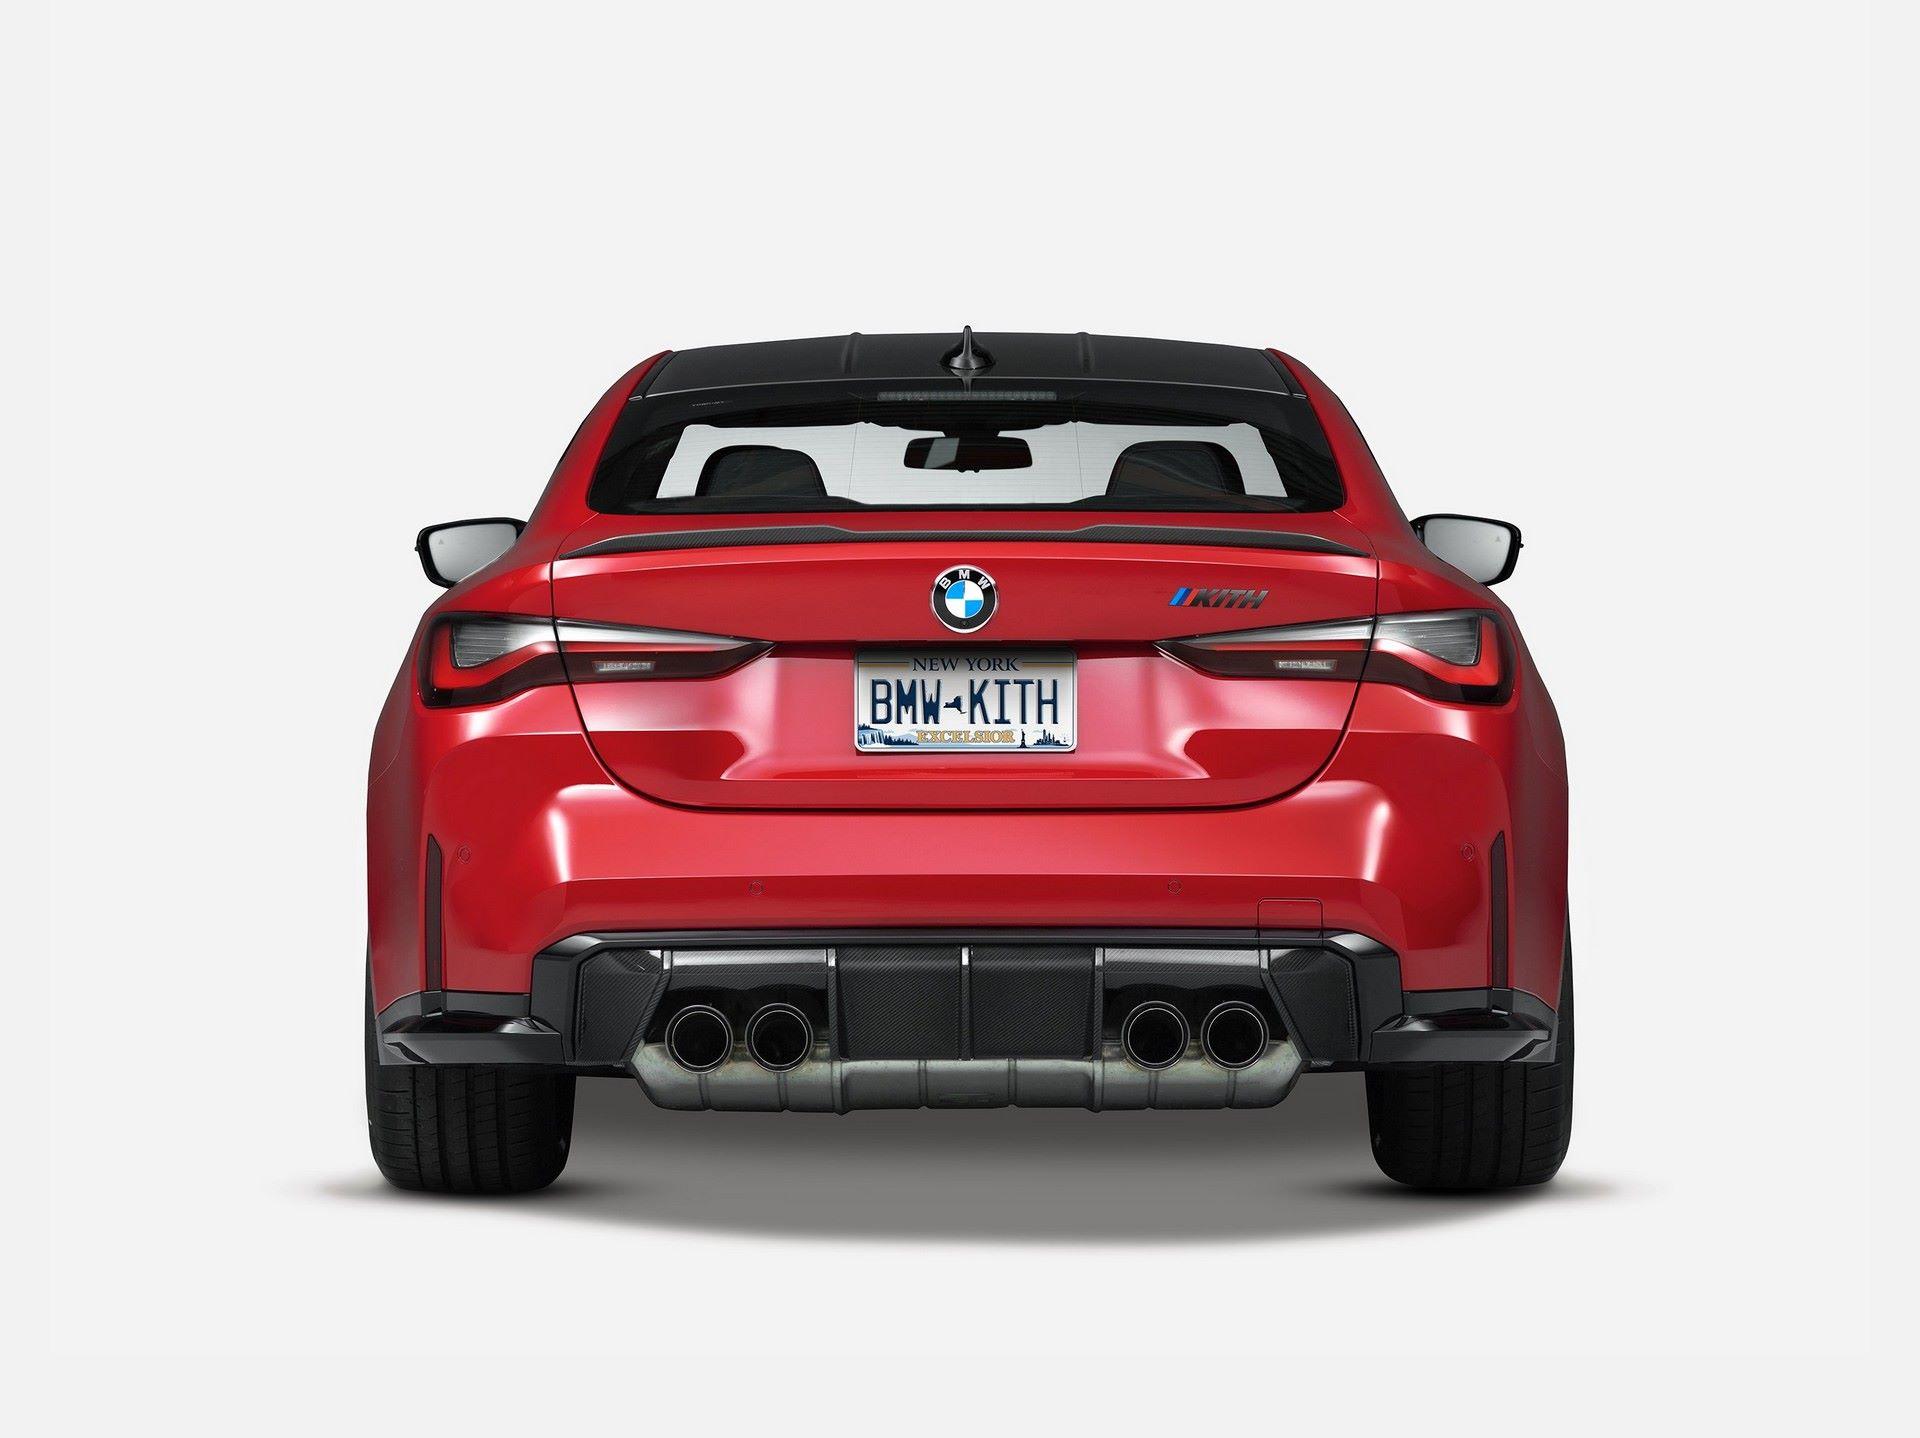 BMW-M3-E30-Ronnie-Fieg-Edition-και-M4-Kith-Concept-7